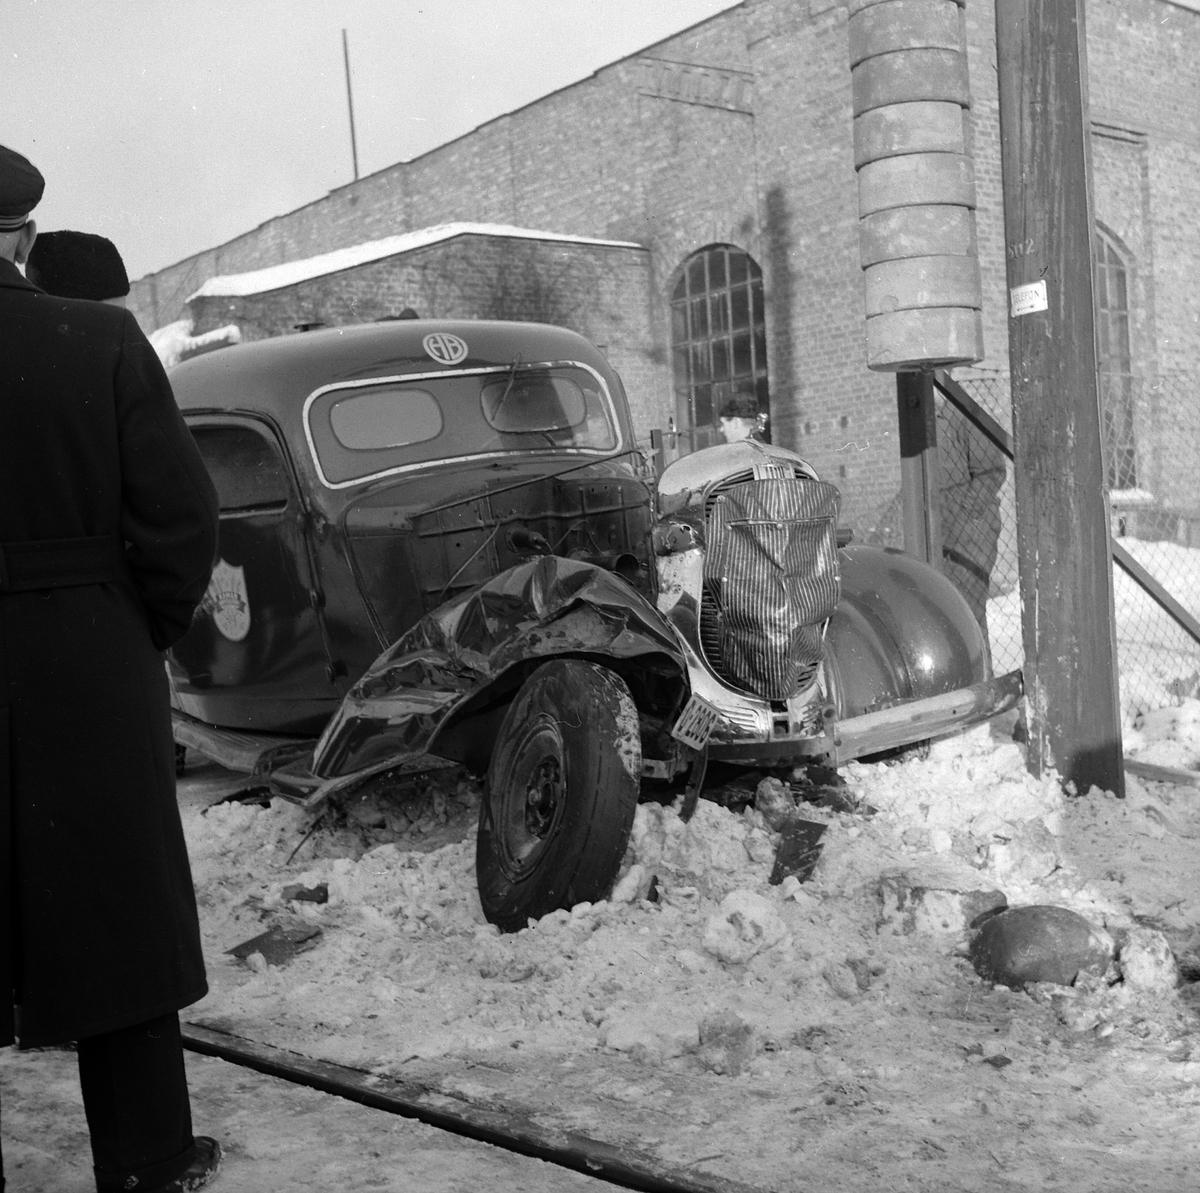 Varebil Dodge, 1936 modell, D-2806,  tilhørte Hamar Bryggeri, kollisjon tog-bil planovergang på fabrikkområdet til Hamar Jernstøperi, bilulykke.